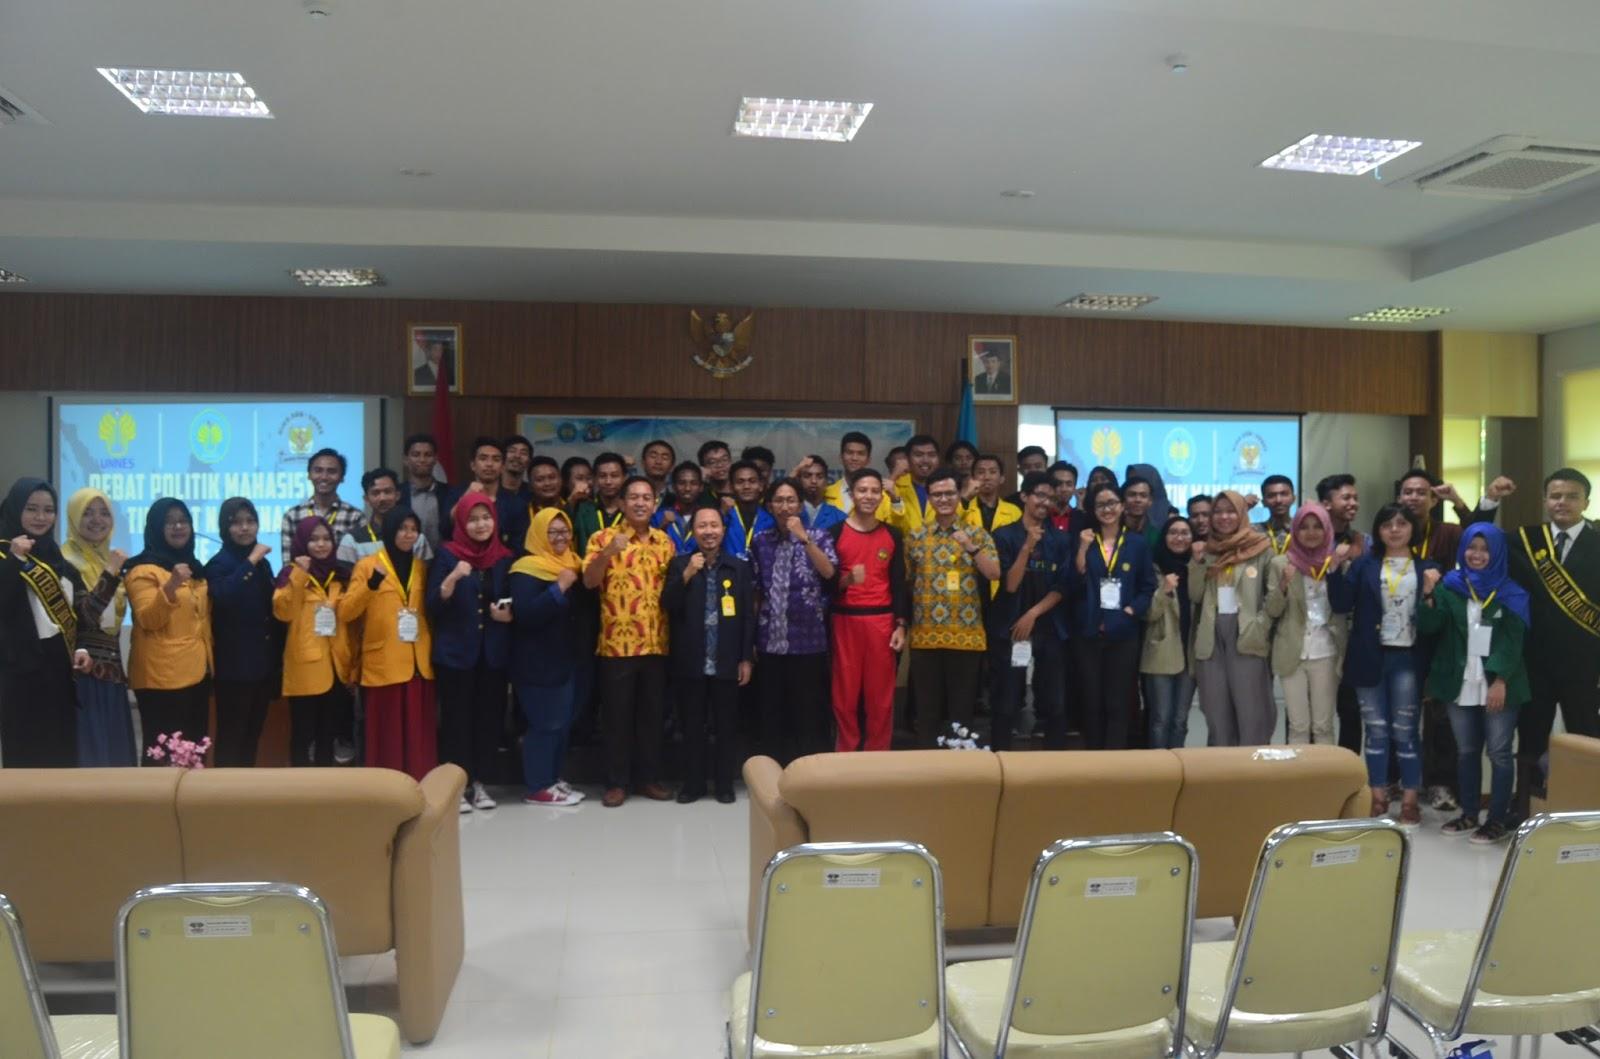 Hari #1 Debat Politik Mahasiswa Nasional Unnes 2017